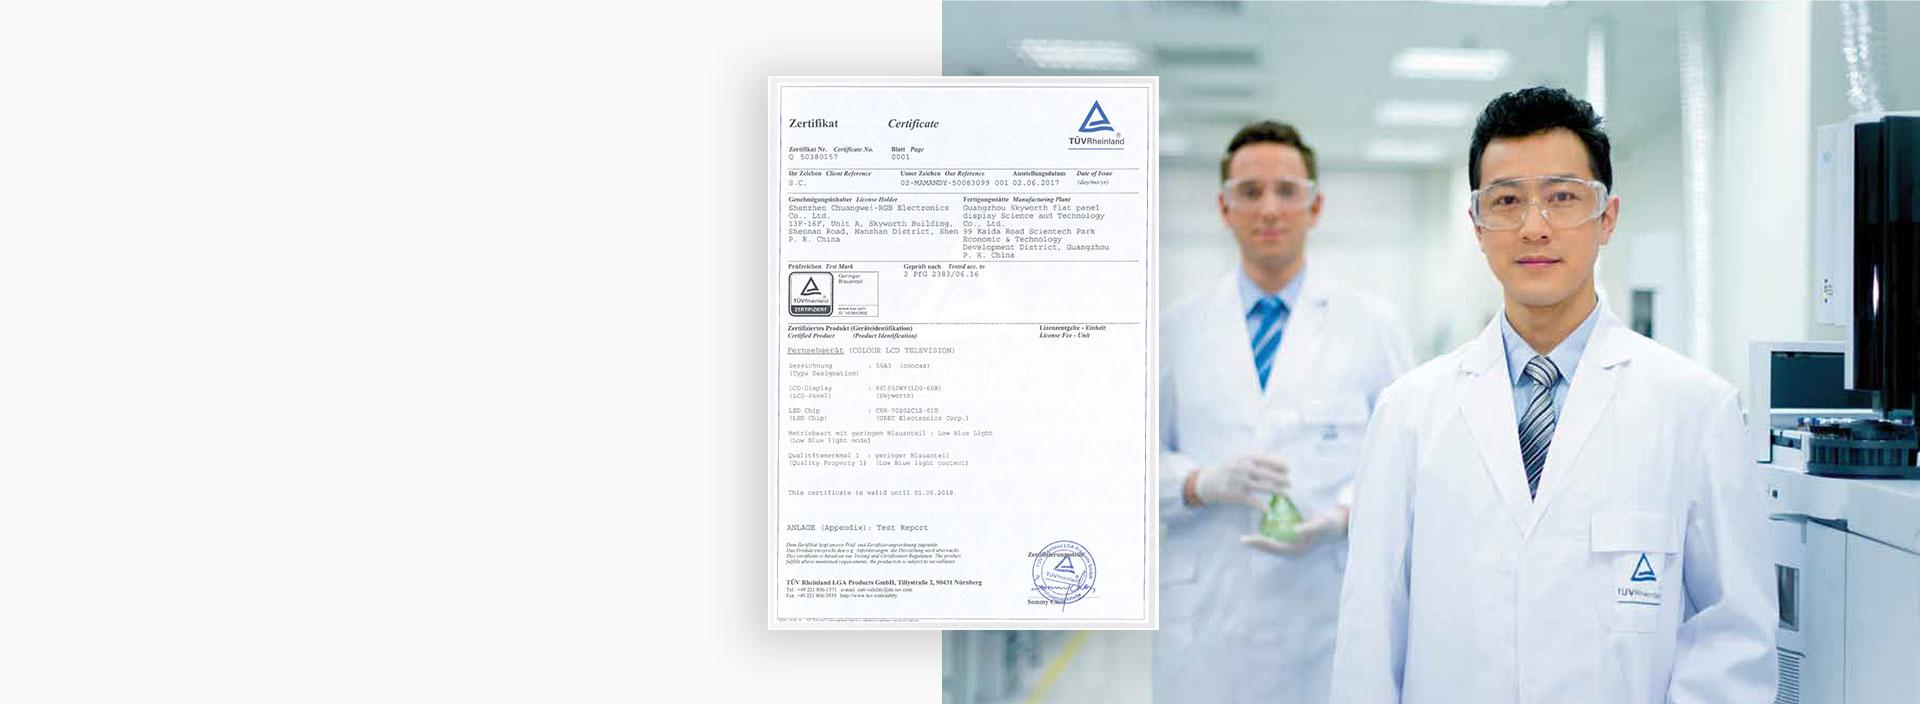 德国莱茵TUV权威认证-酷开55A3防蓝光教育电视